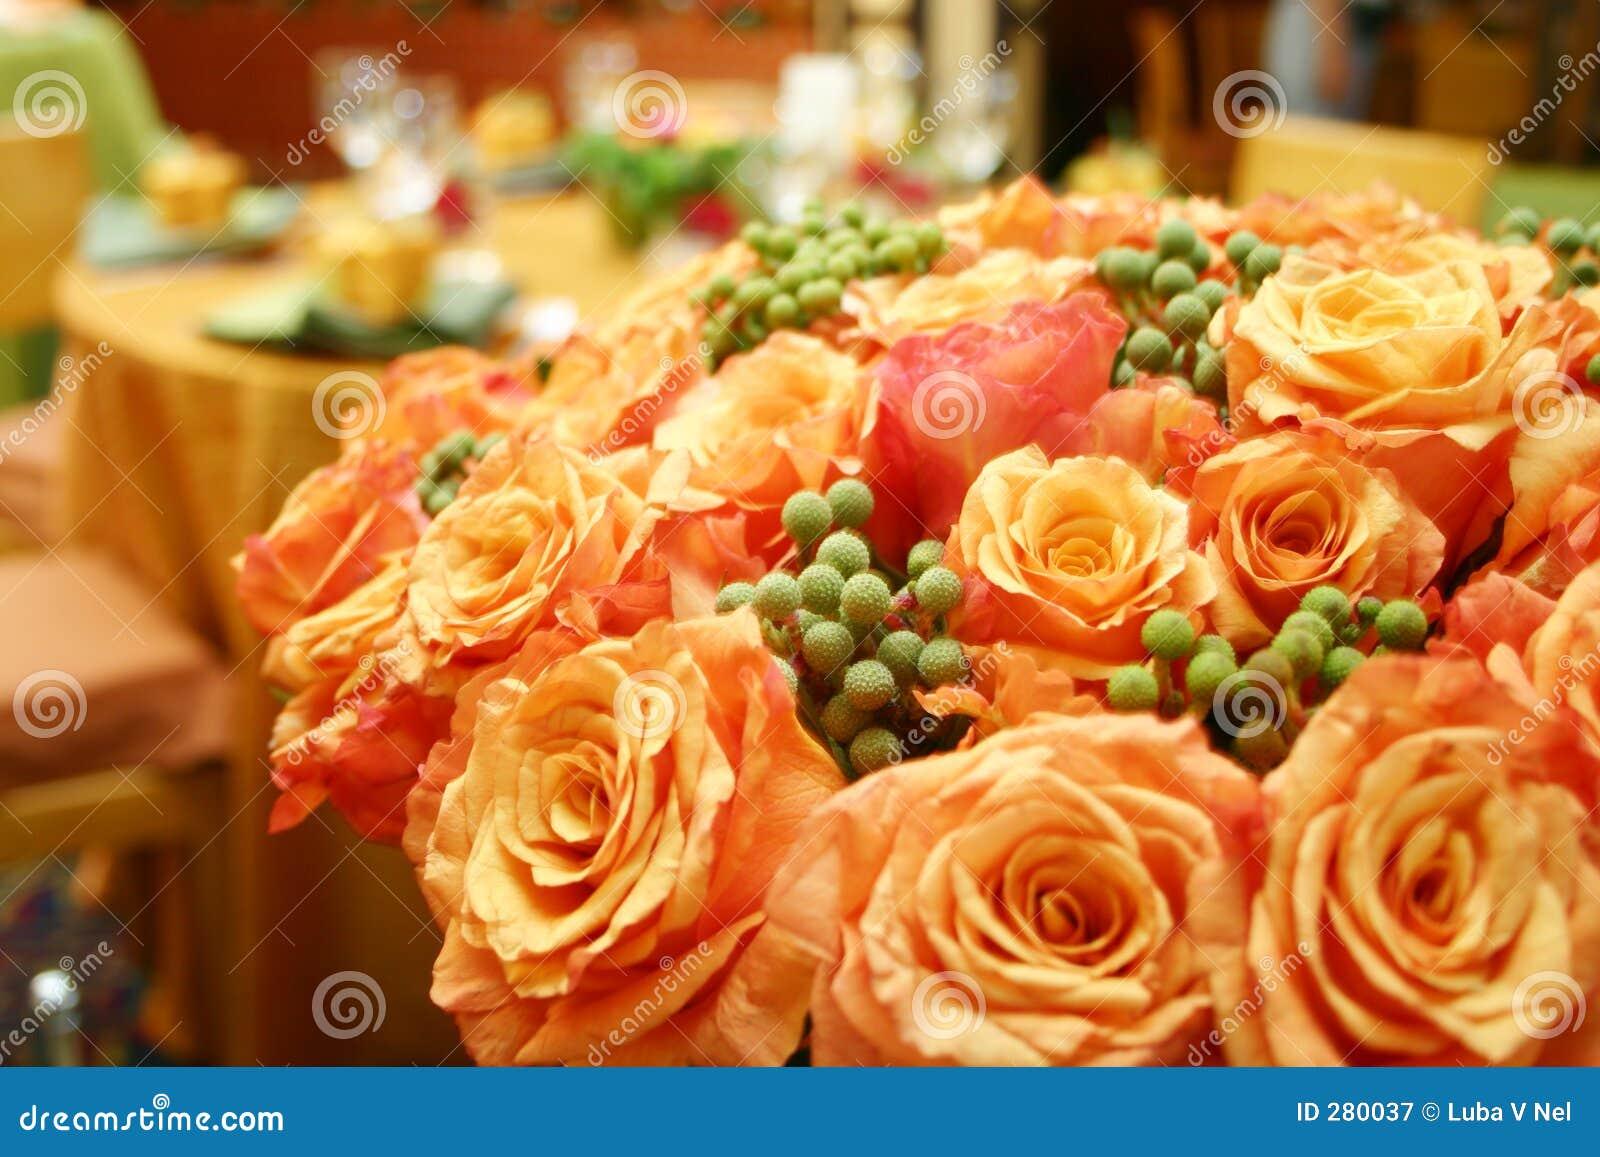 Orange siamesische Rosen 015